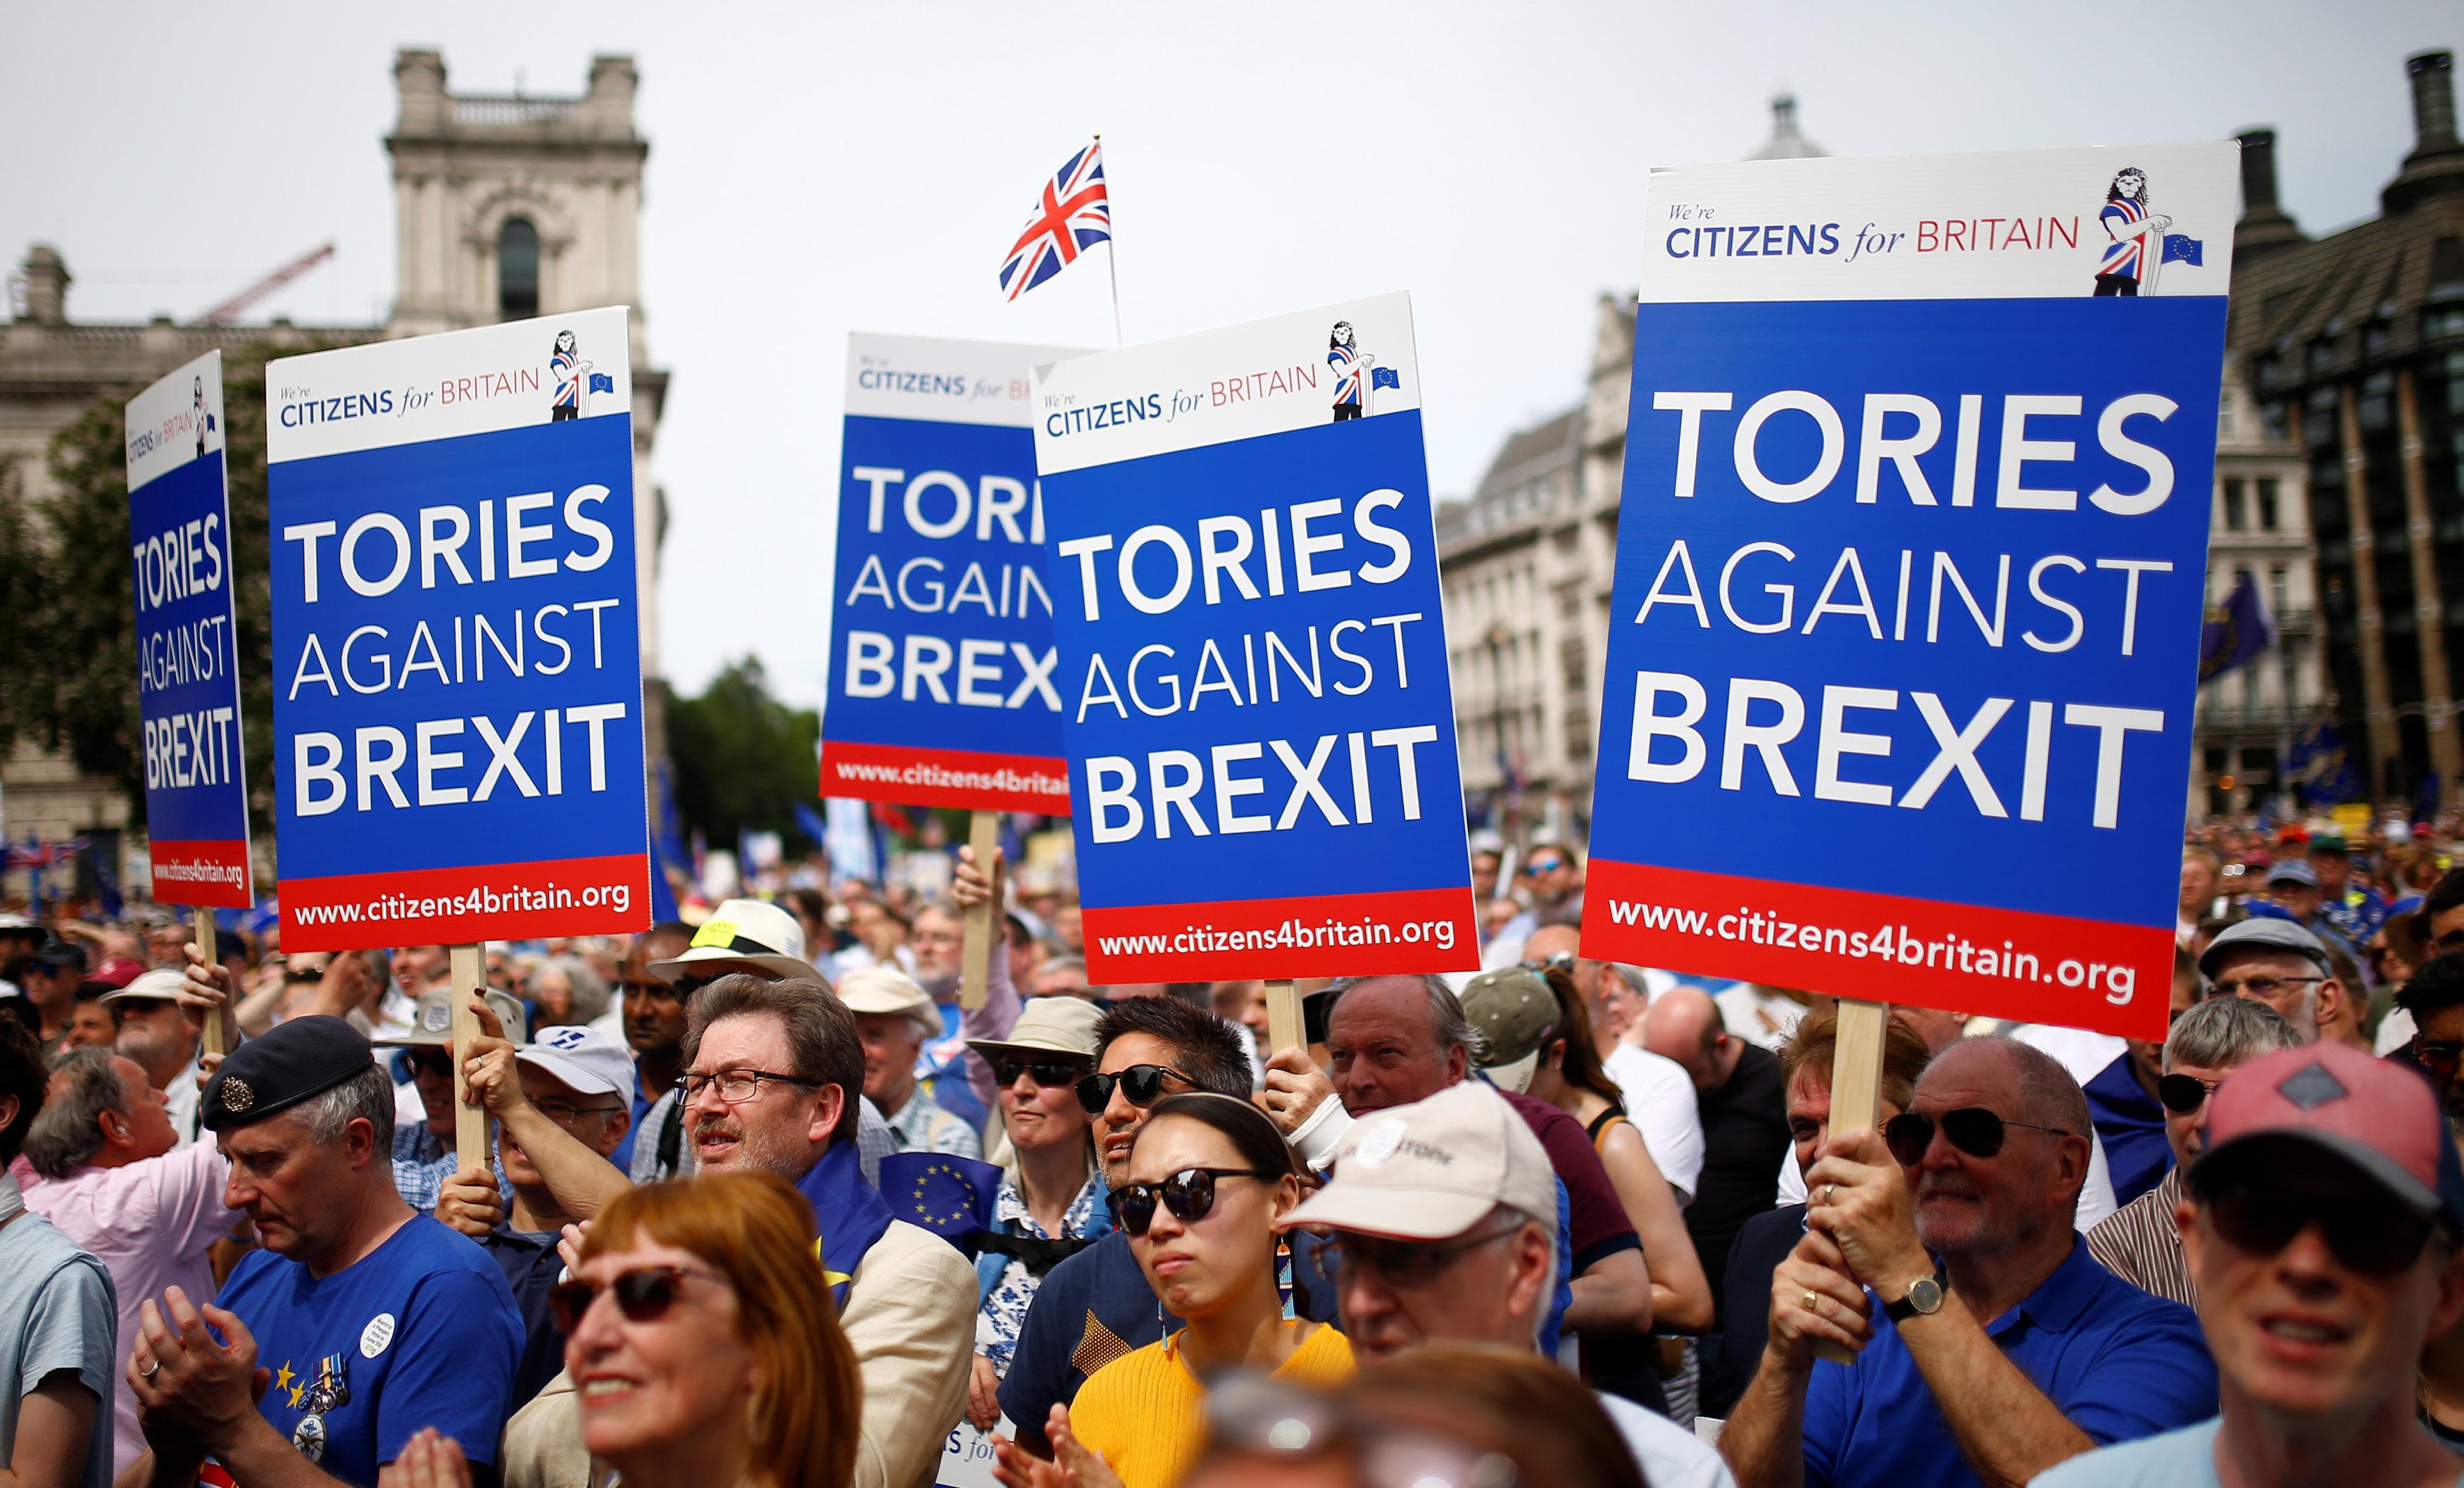 Manifestantes contra o Brexit encheram as ruas de Londres neste sábado (23). Eles querem a reintegração do Reino Unido com a União Europeia.